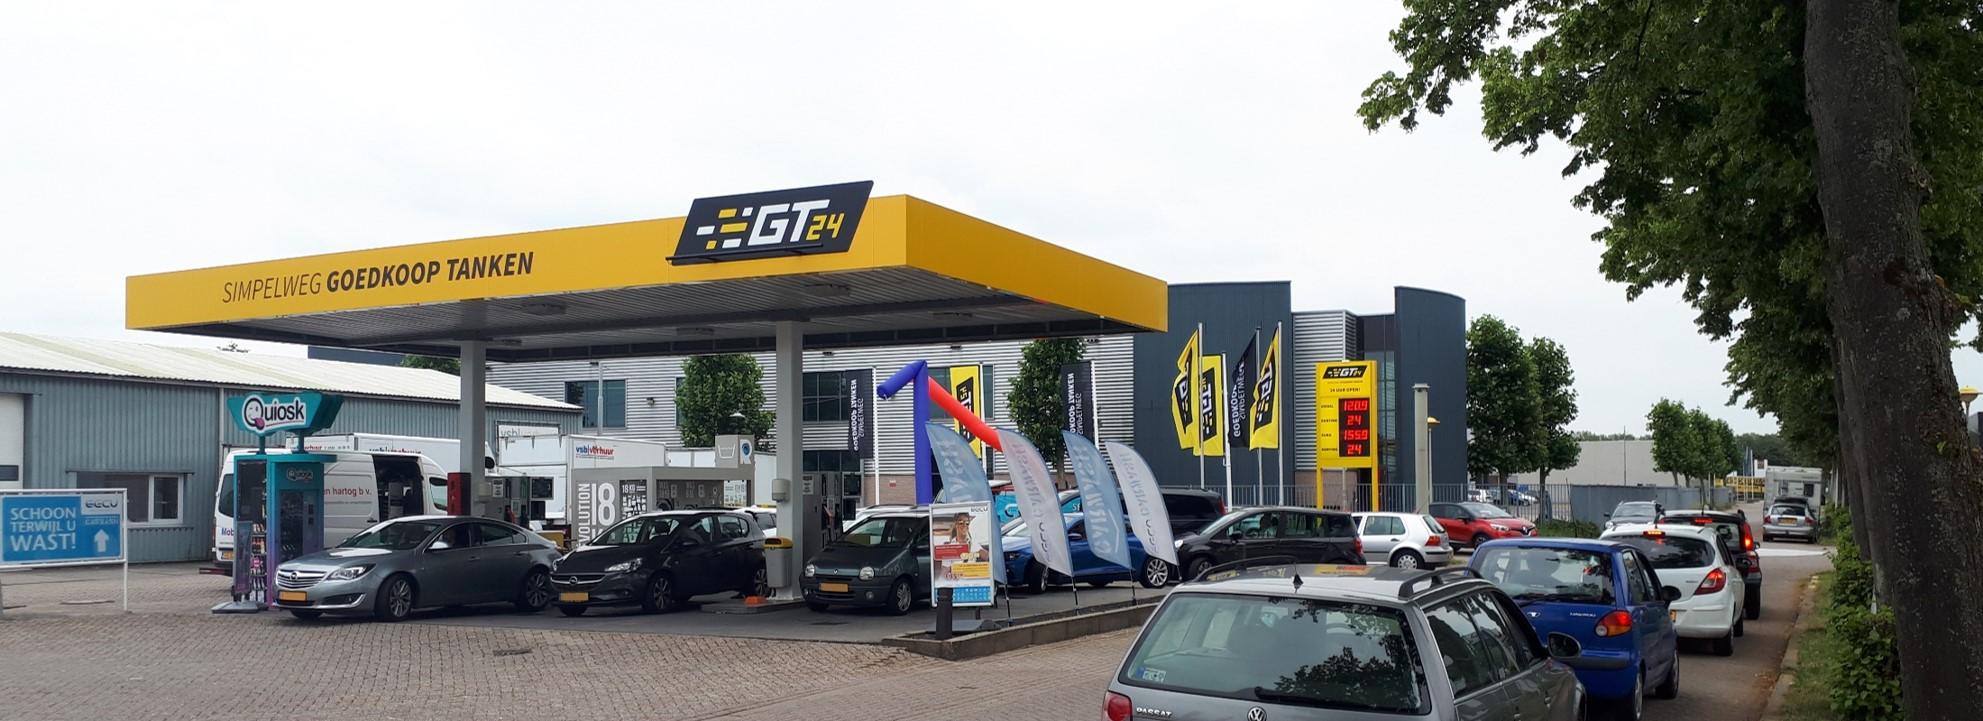 GT24 - Simpelweg goedkoop tanken